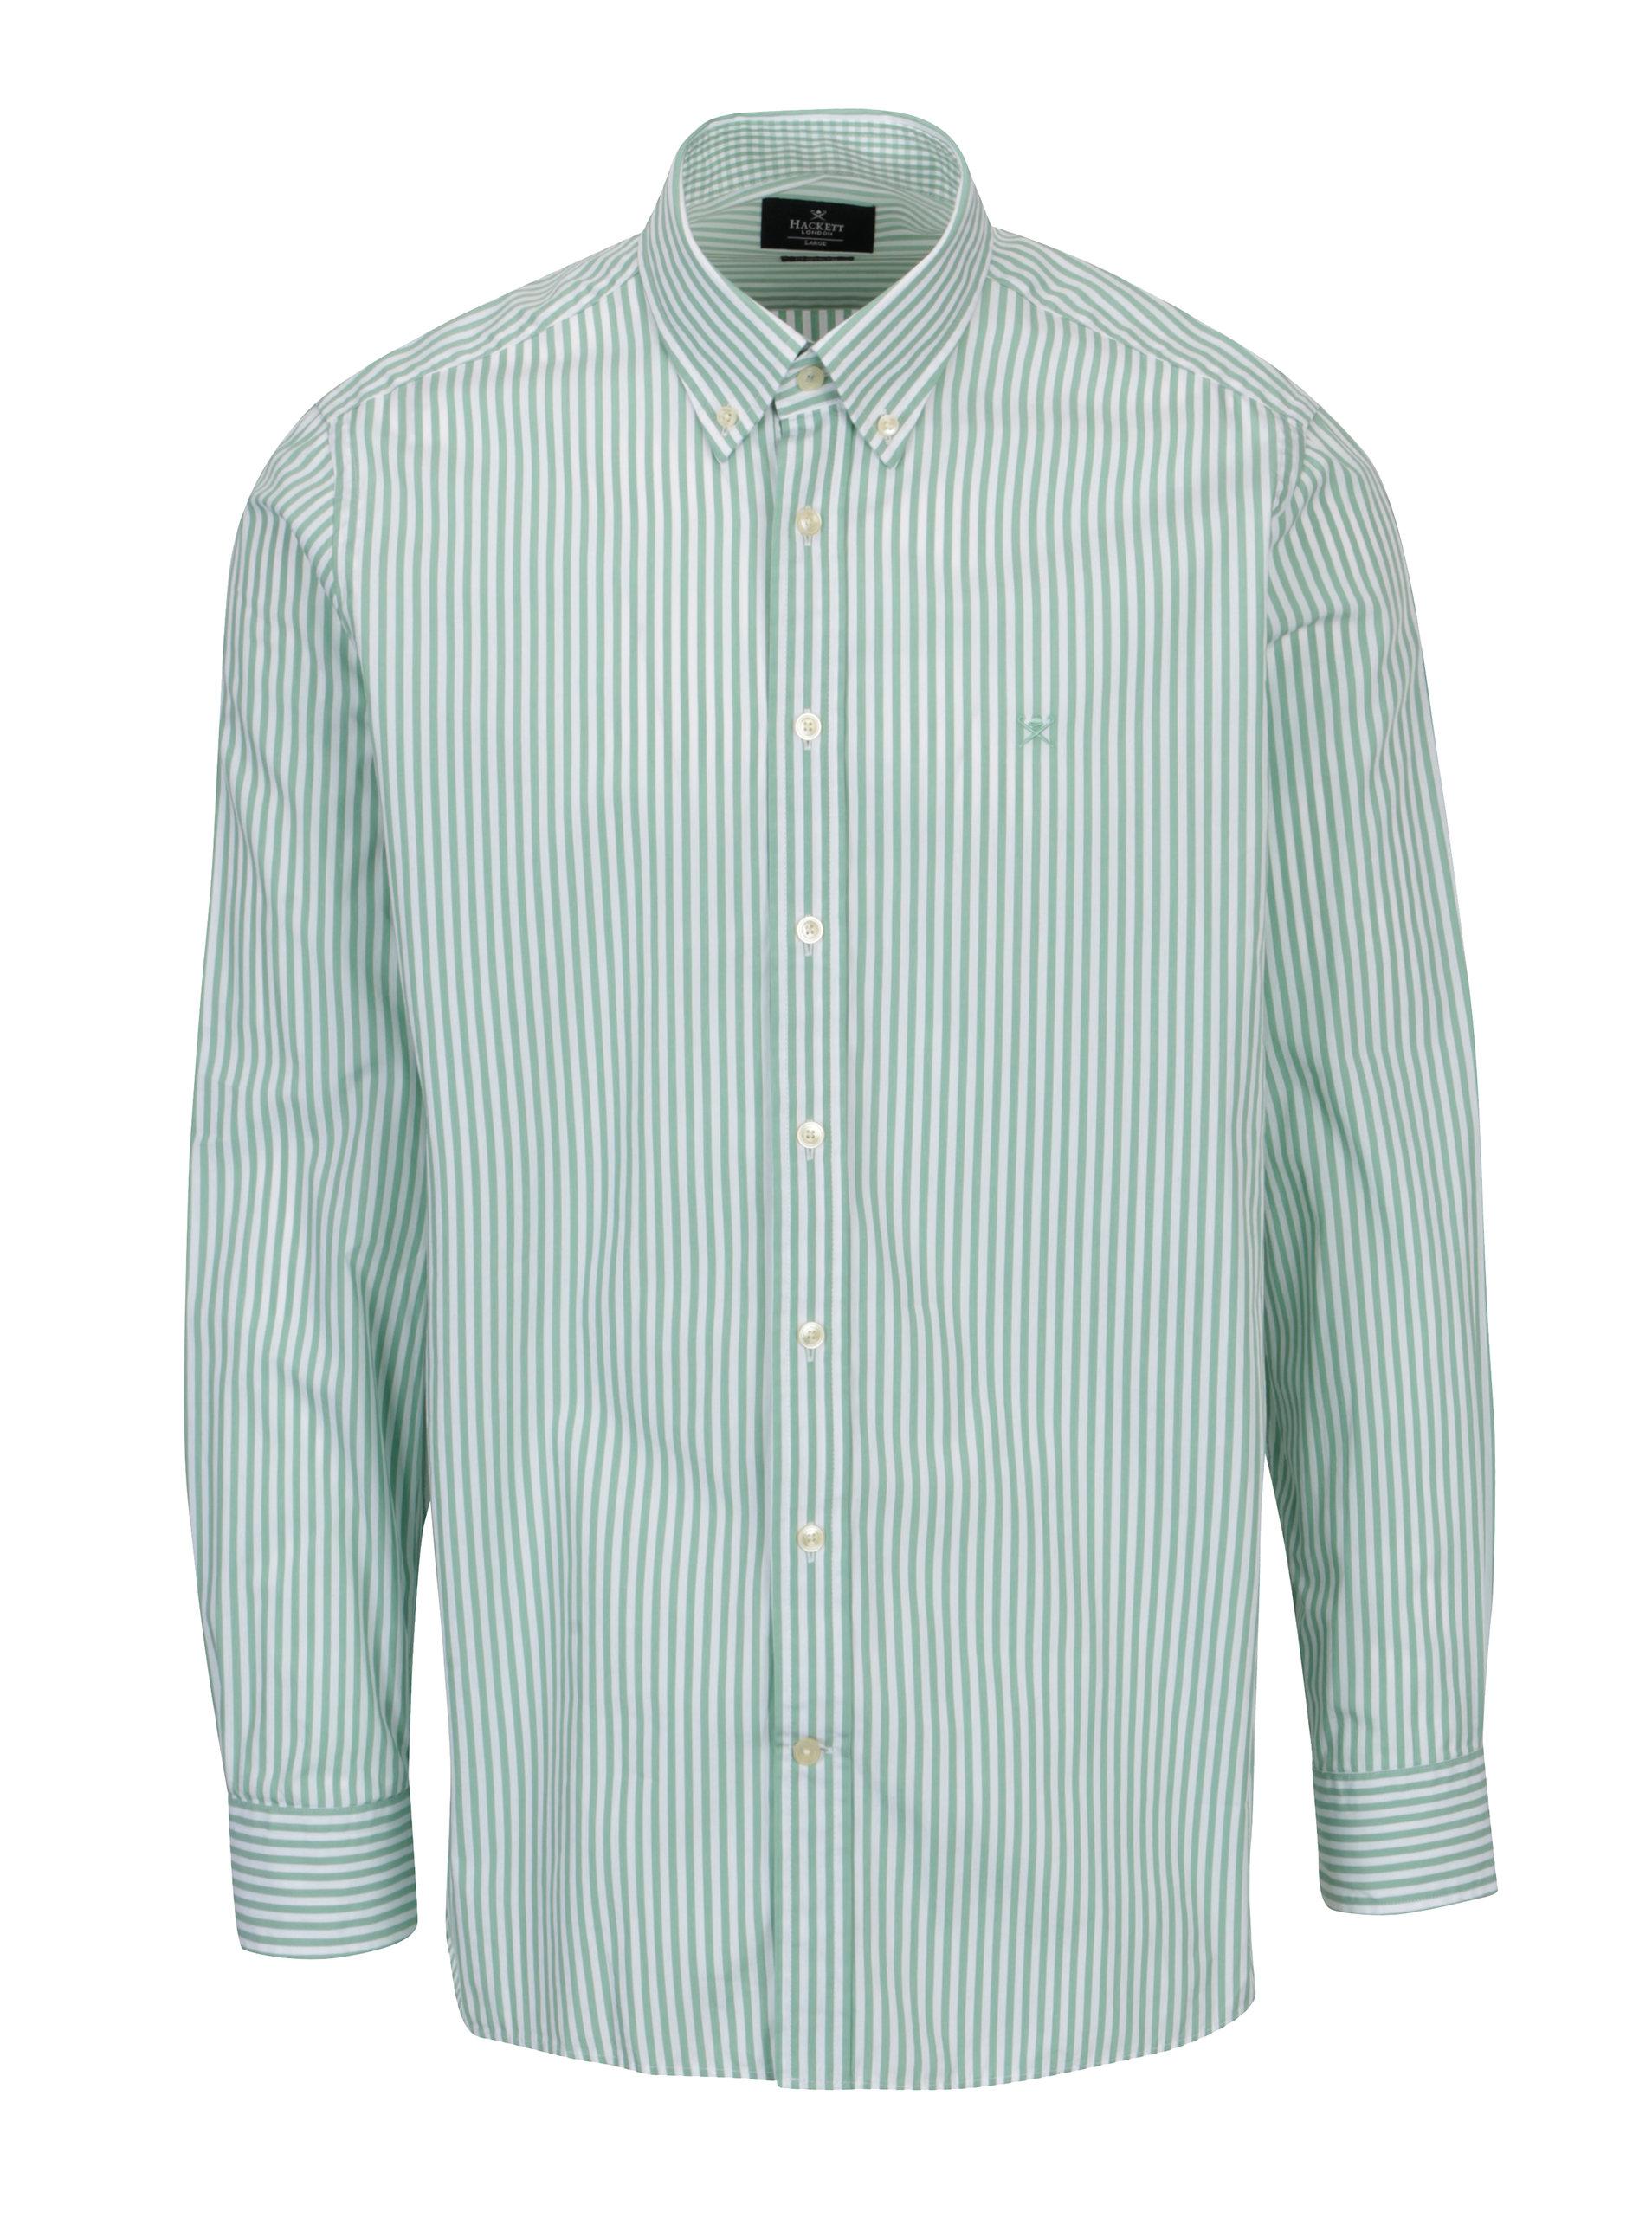 Bílo-zelená pruhovaná classic fit košile Hackett London 2c0197956a